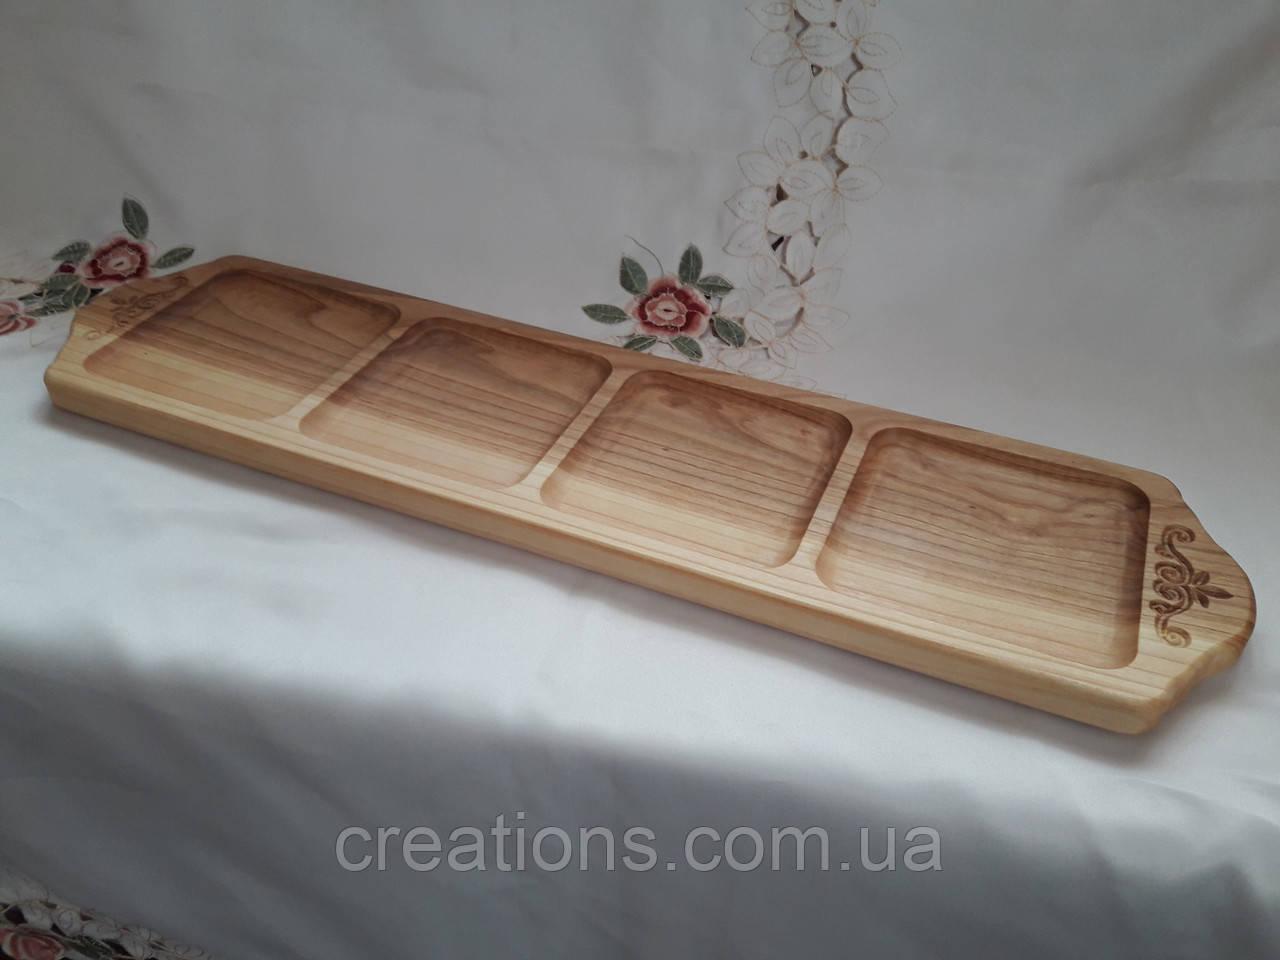 Менажница деревянная 60х15 см. на 4 секции с резьбой из черешни, ясеня